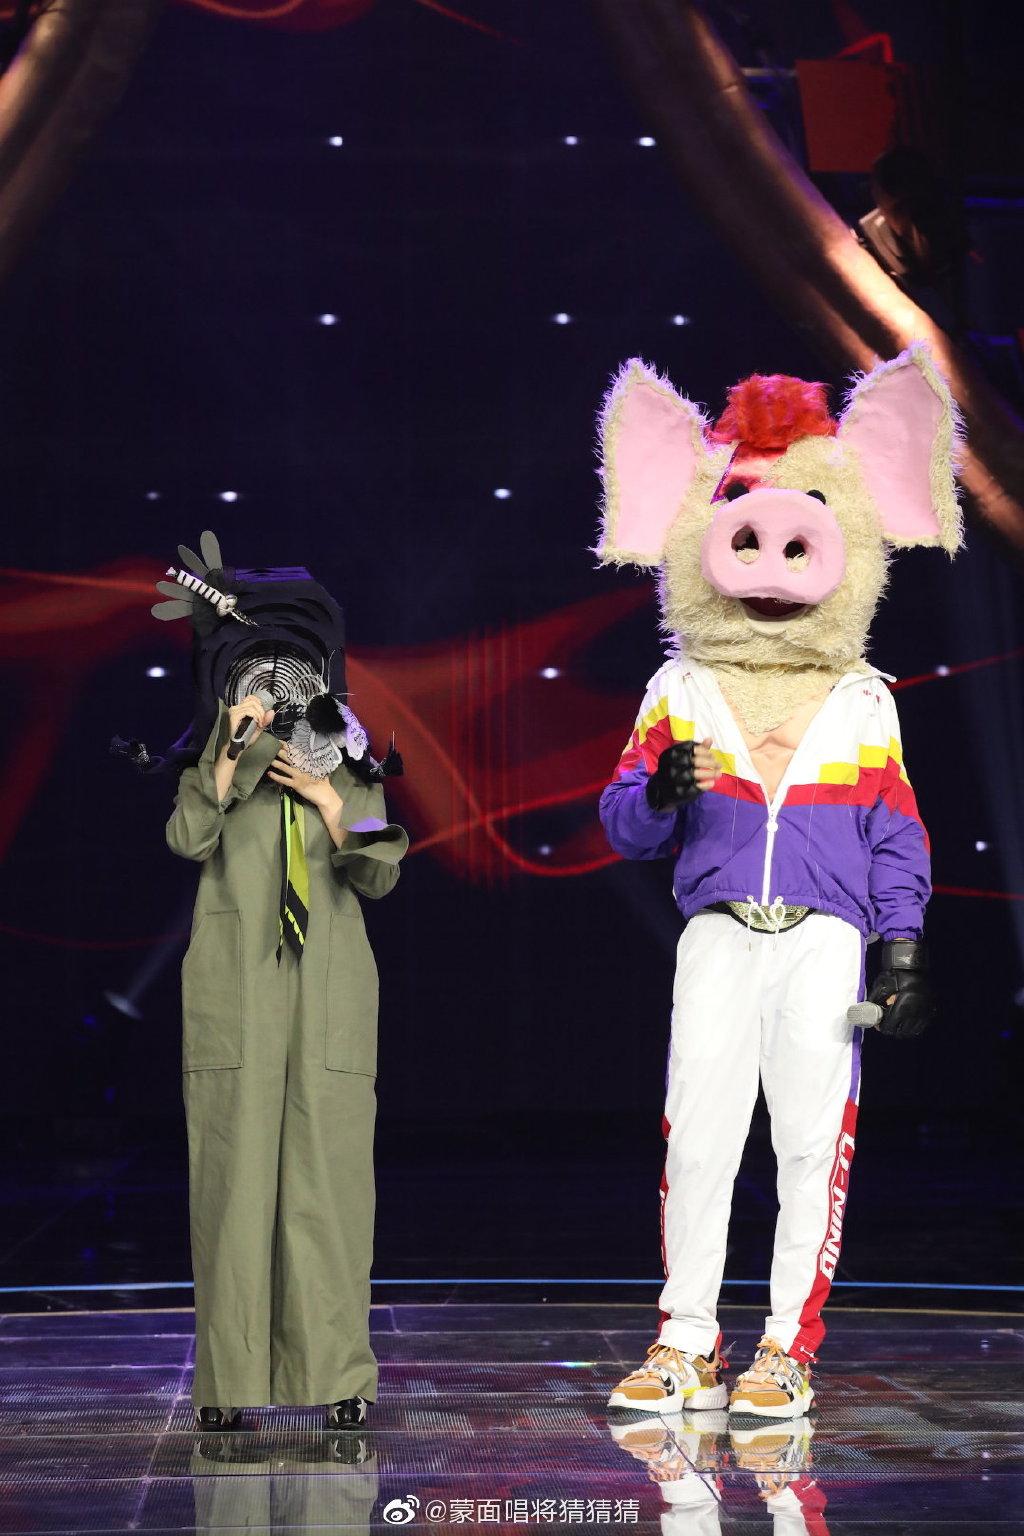 台湾「实力派歌手」登《蒙面》!2年没作品 网一听哭了:他的歌我都会唱! - 宅男圈